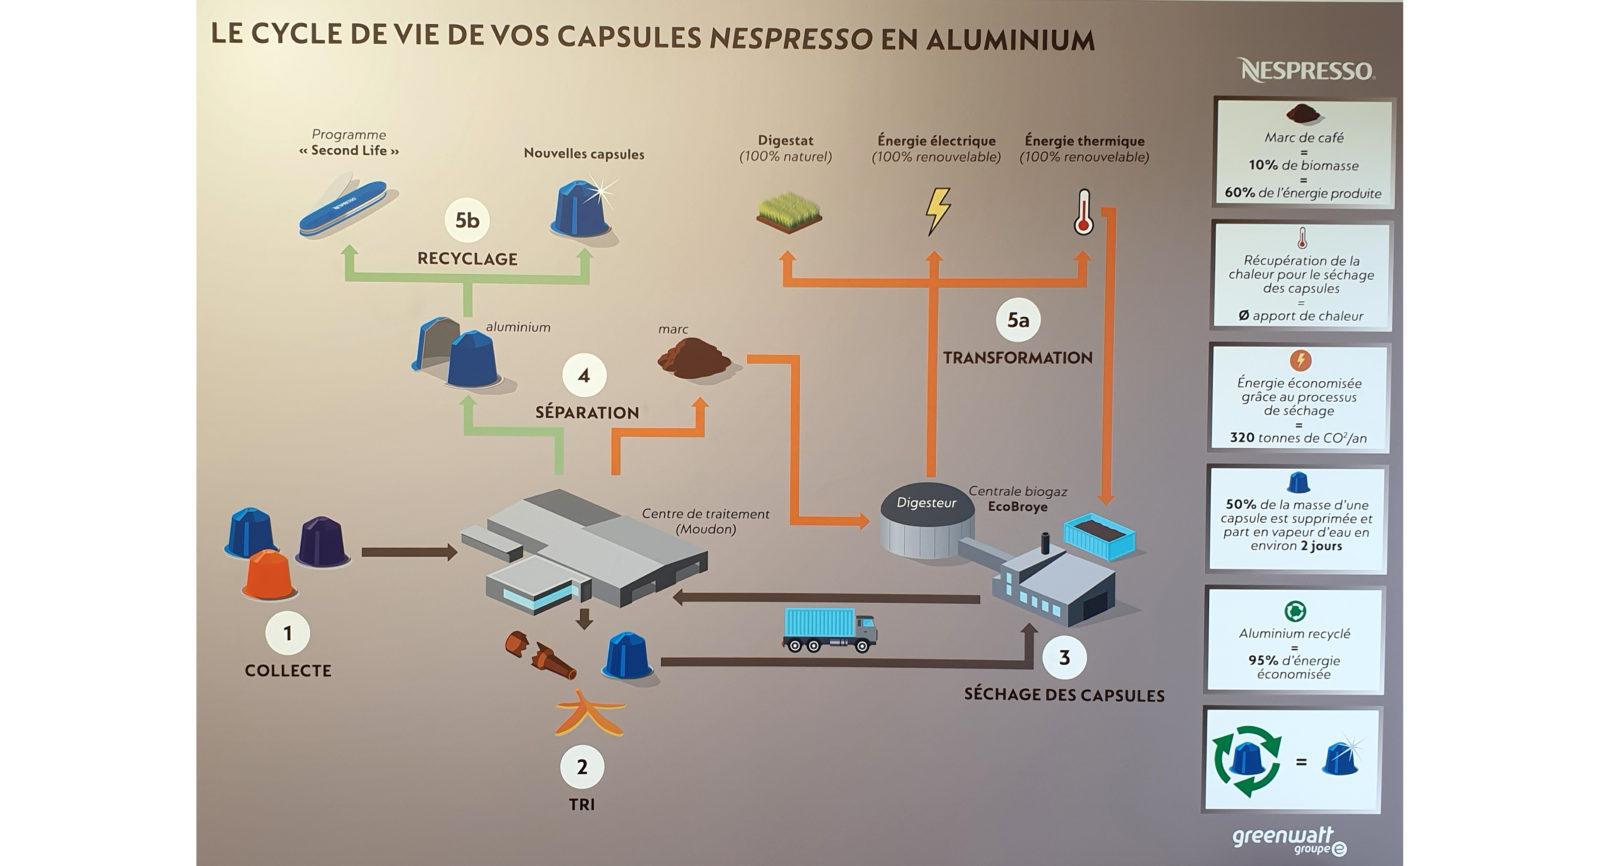 Nach der Trocknung mit erneuerbarer Wärme der Biogasanlage erfolgt die Trennung der Kaffeekapsel in Aluminium und Kaffeesatz, der hier zu Wärme, Strom und Dünger verarbeitet wird.